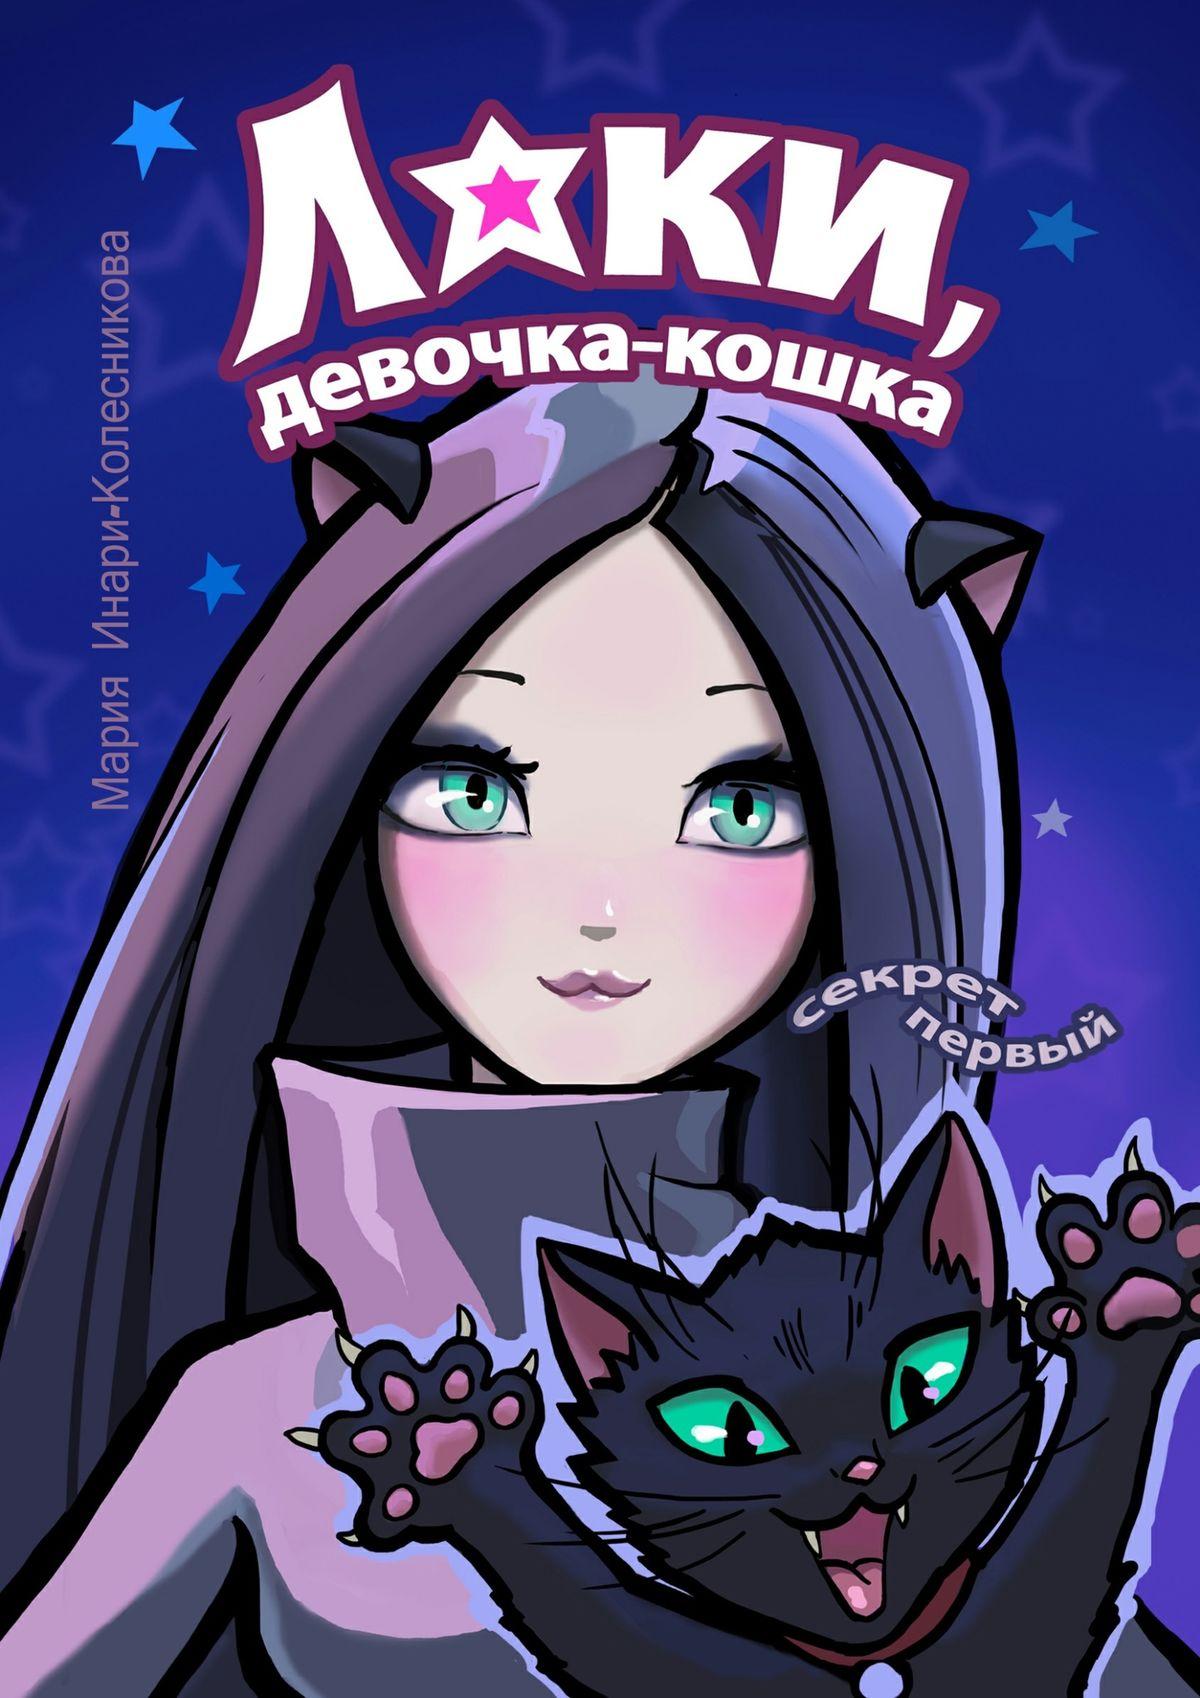 Мария Инари-Колесникова Лаки, девочка-кошка